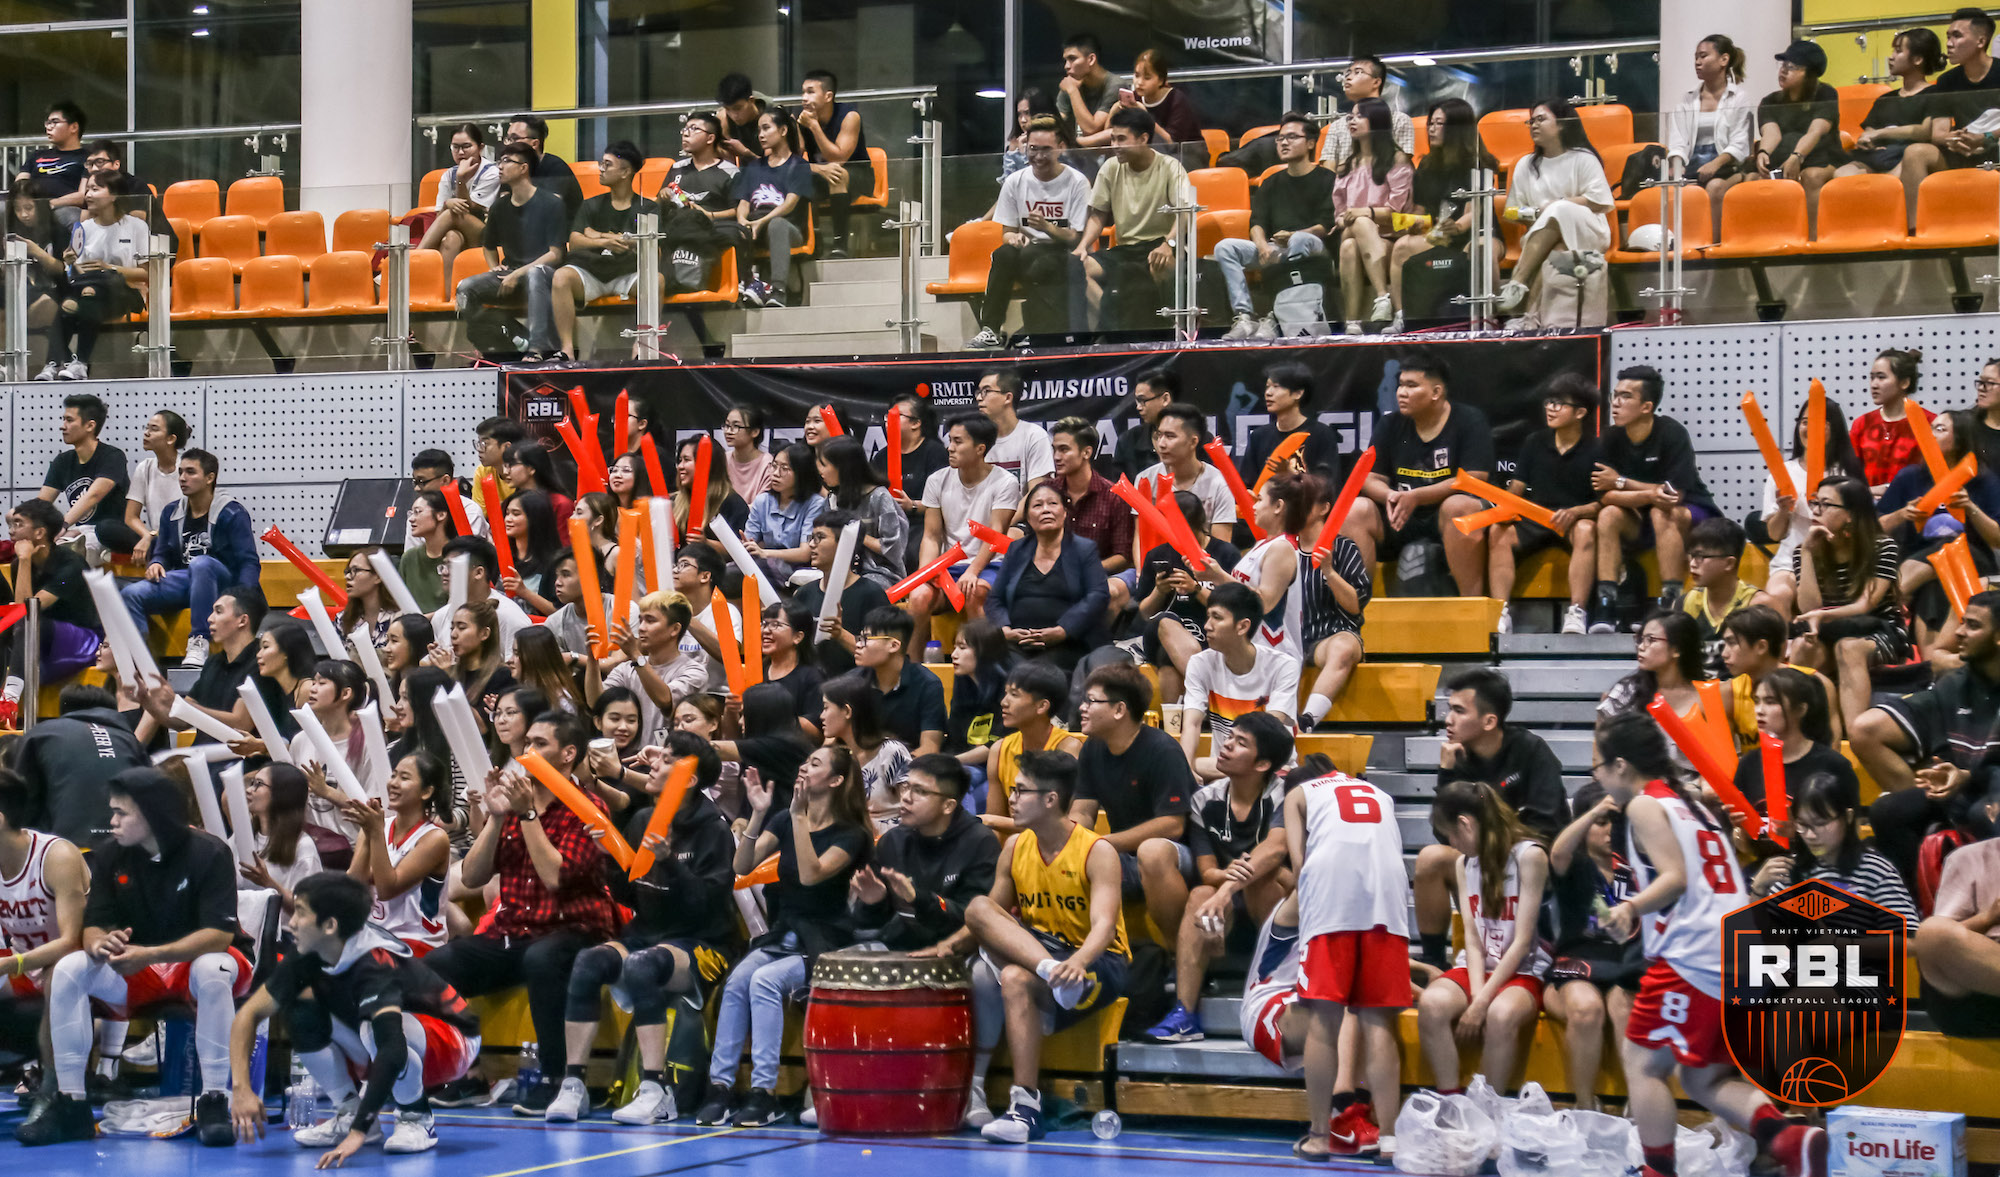 Đội chủ nhà RMIT thắng đậm tại lễ khai mạc giải bóng rổ truyền thống hàng năm - Ảnh 8.